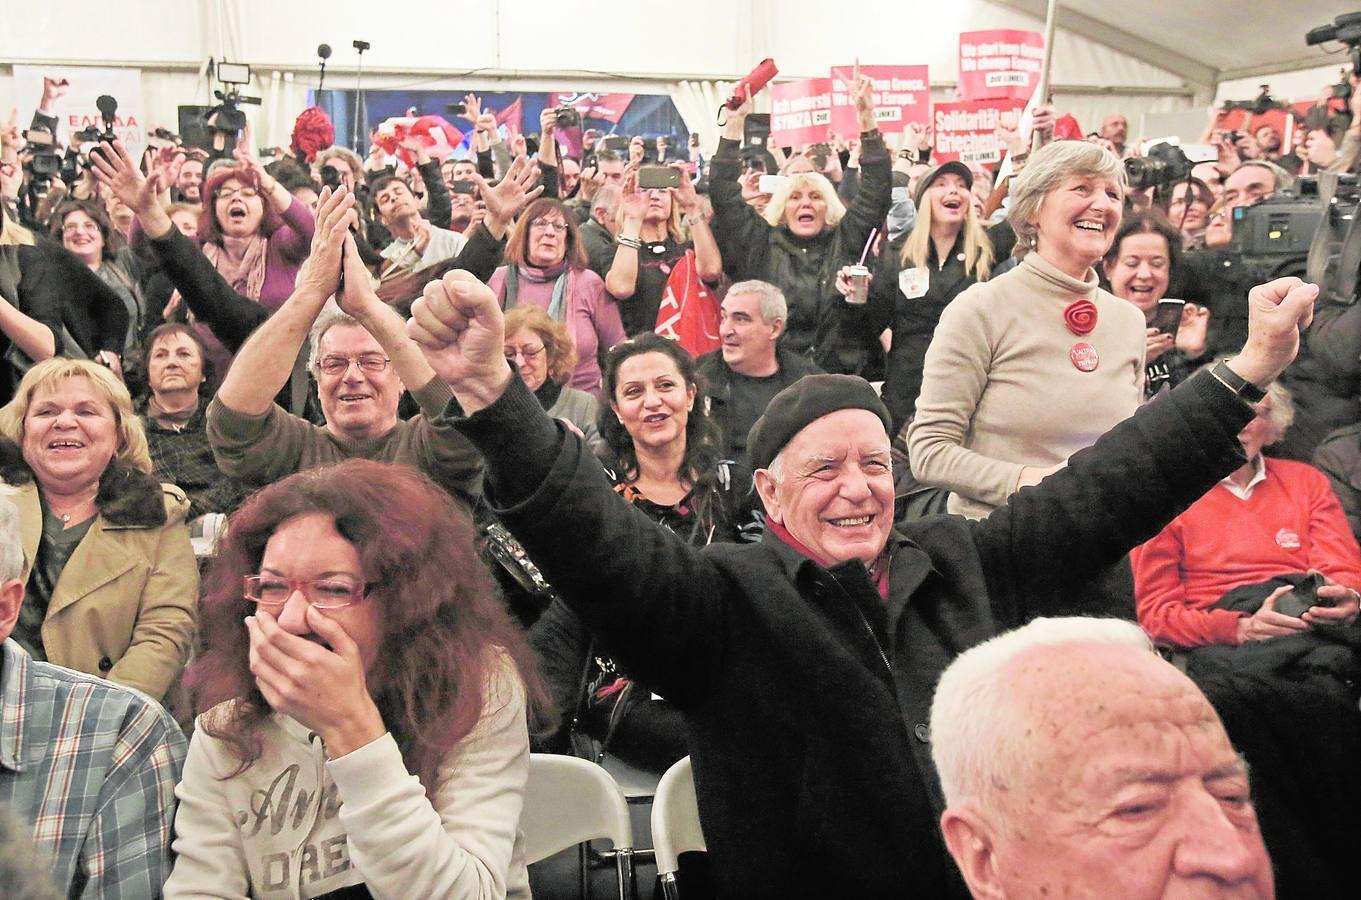 La alegría se apodera de las sedes de Syriza